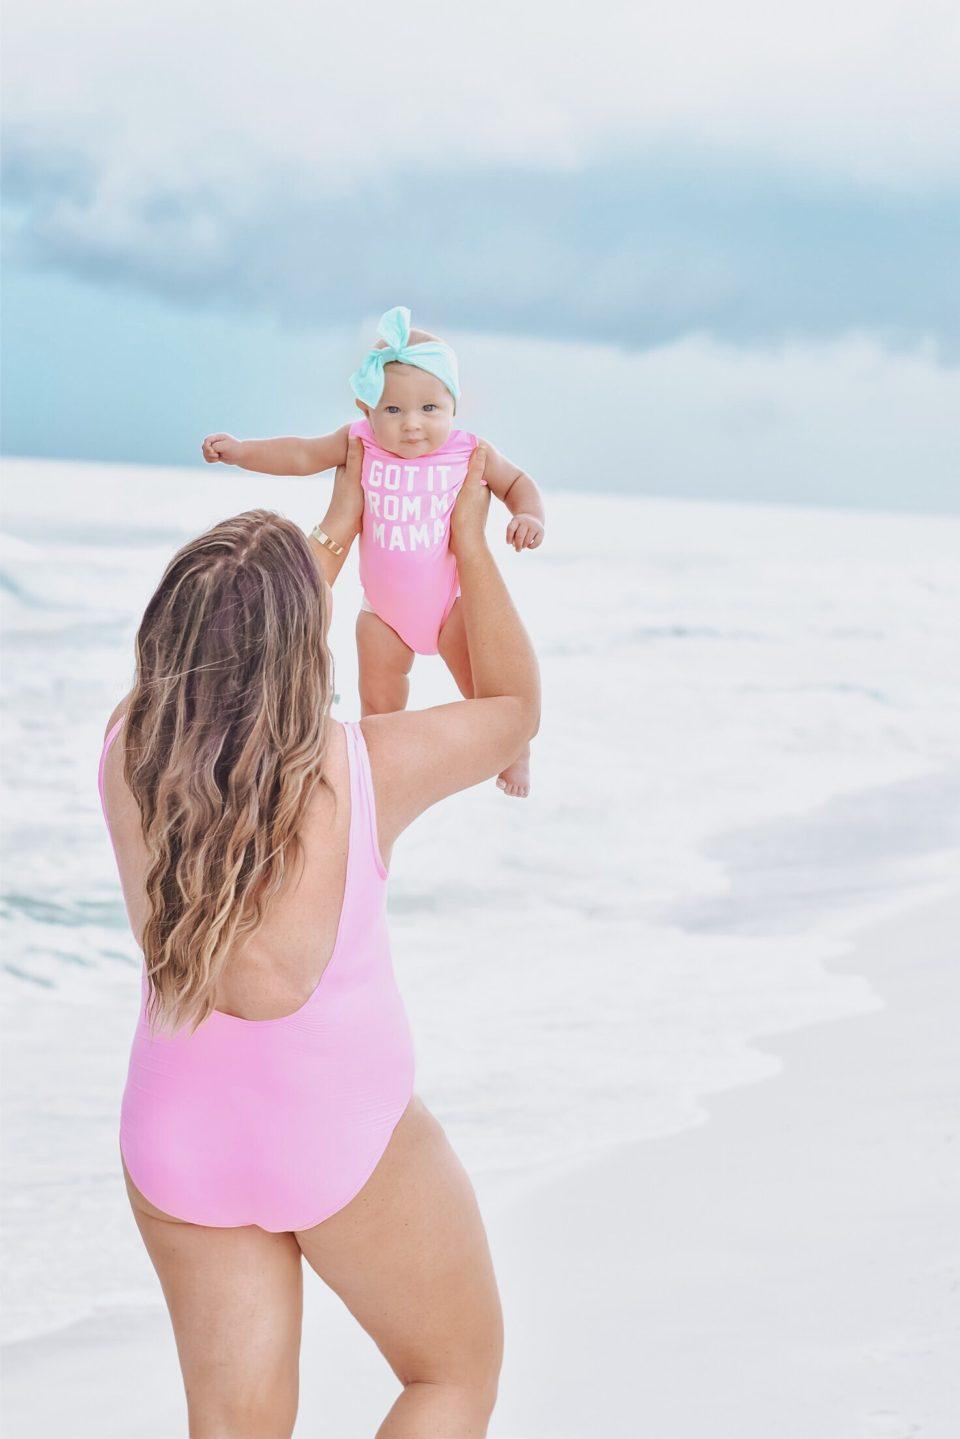 30A Mama - Family Beach Day on Grayton Beach with 30A Rosé + 30A Beach Blonde